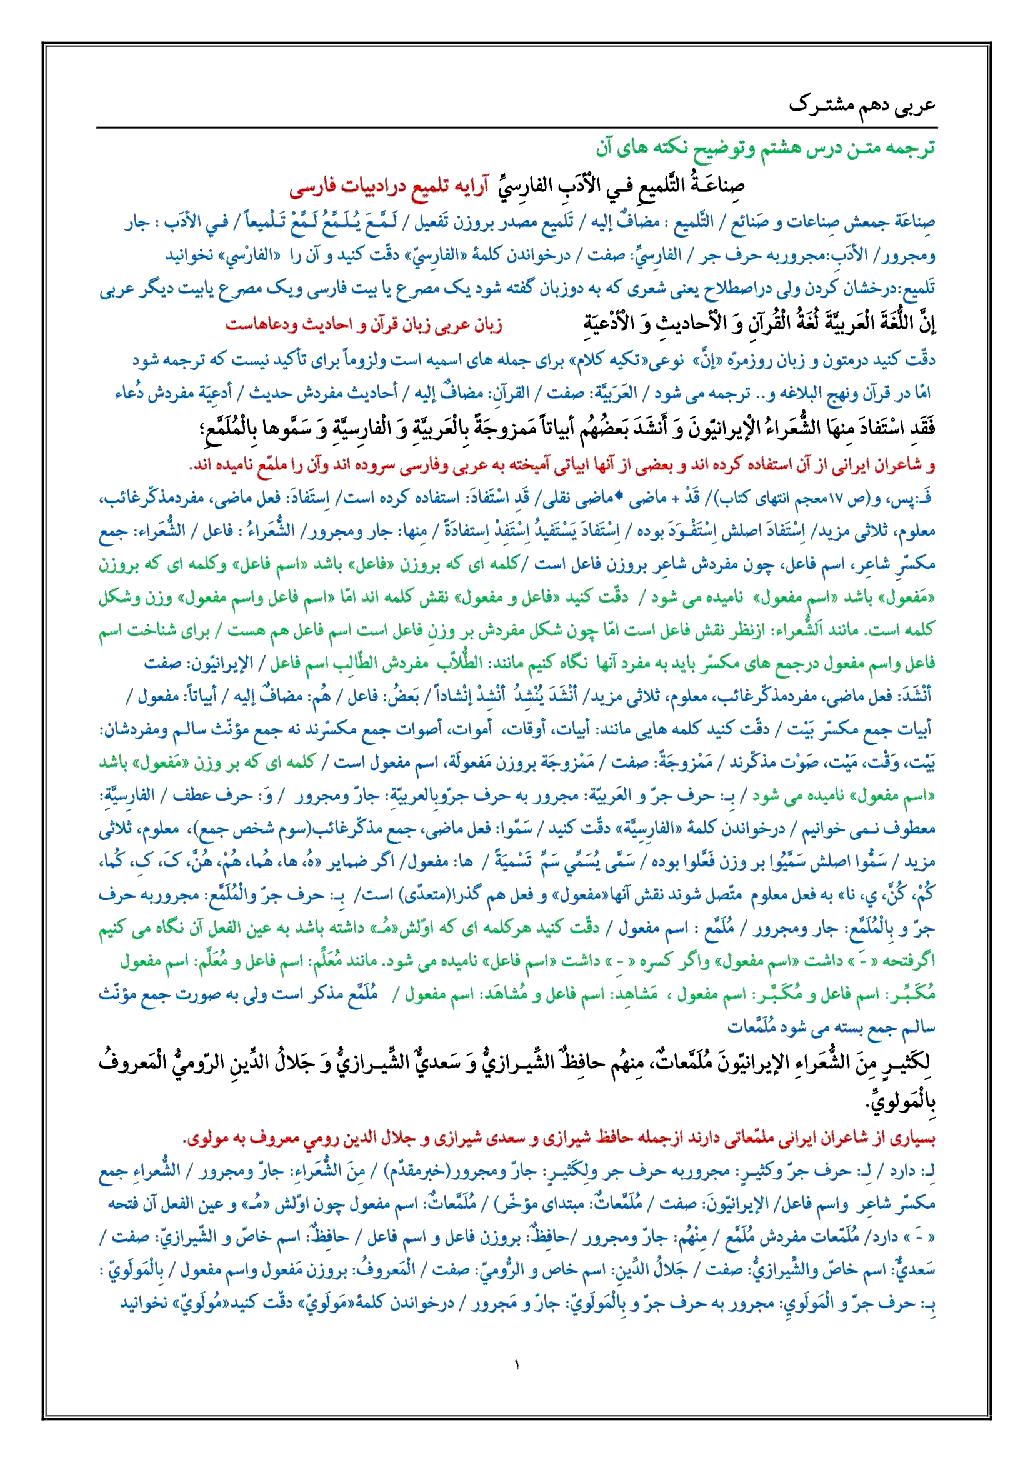 راهنمای ترجمه، ترکیب و نکات متن درس 8 عربی (1) دهم ریاضی و تجربی